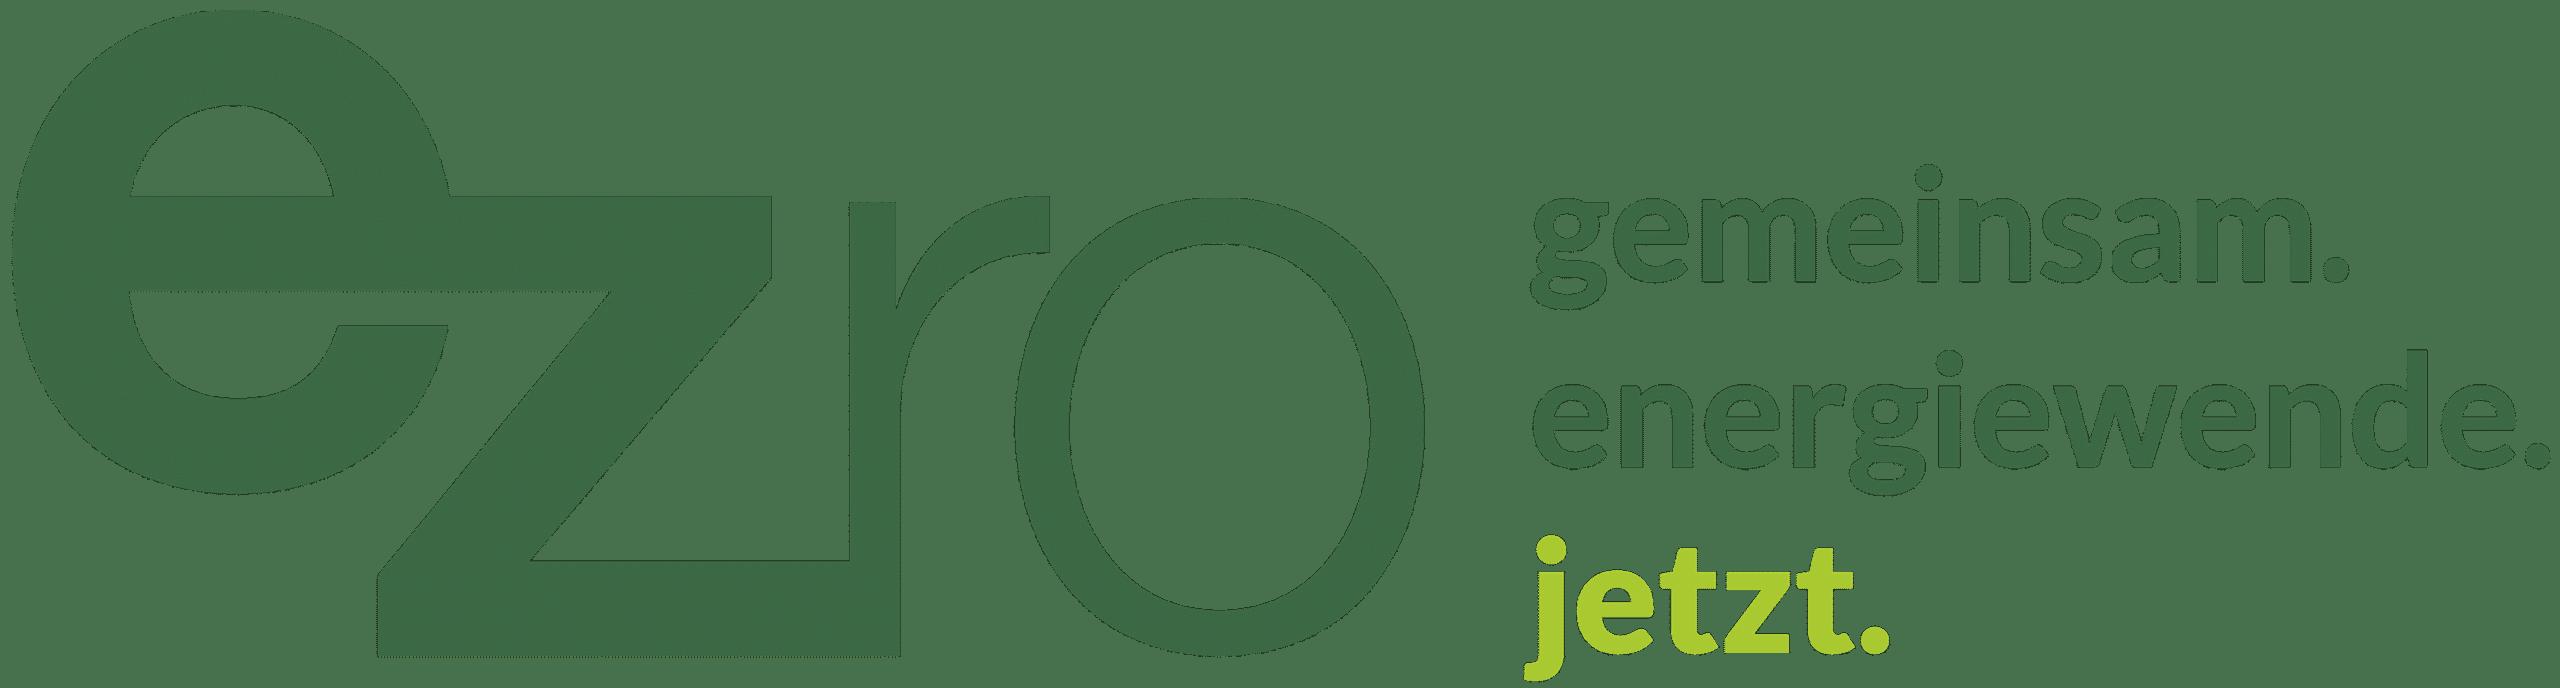 ezro-logo-farbe